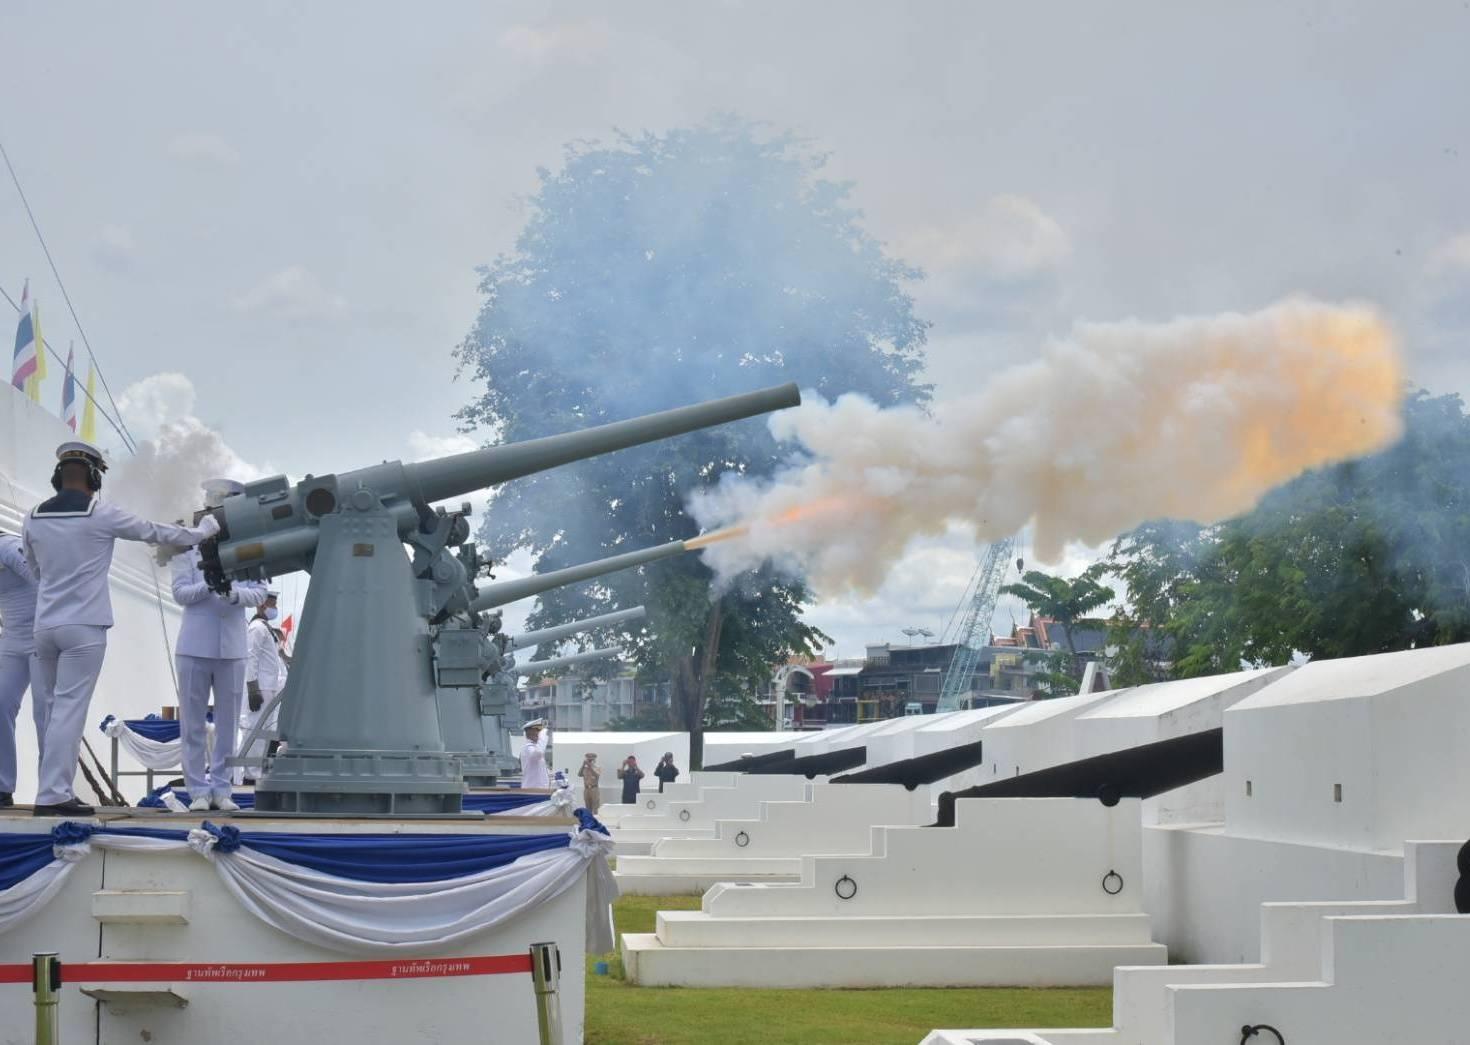 กองทัพเรือยิงสลุตหลวงเฉลิมพระเกียรติรัชกาลที่10ในโอกาสมหามงคลเฉลิม พระชนมพรรษา 68 พรรษา